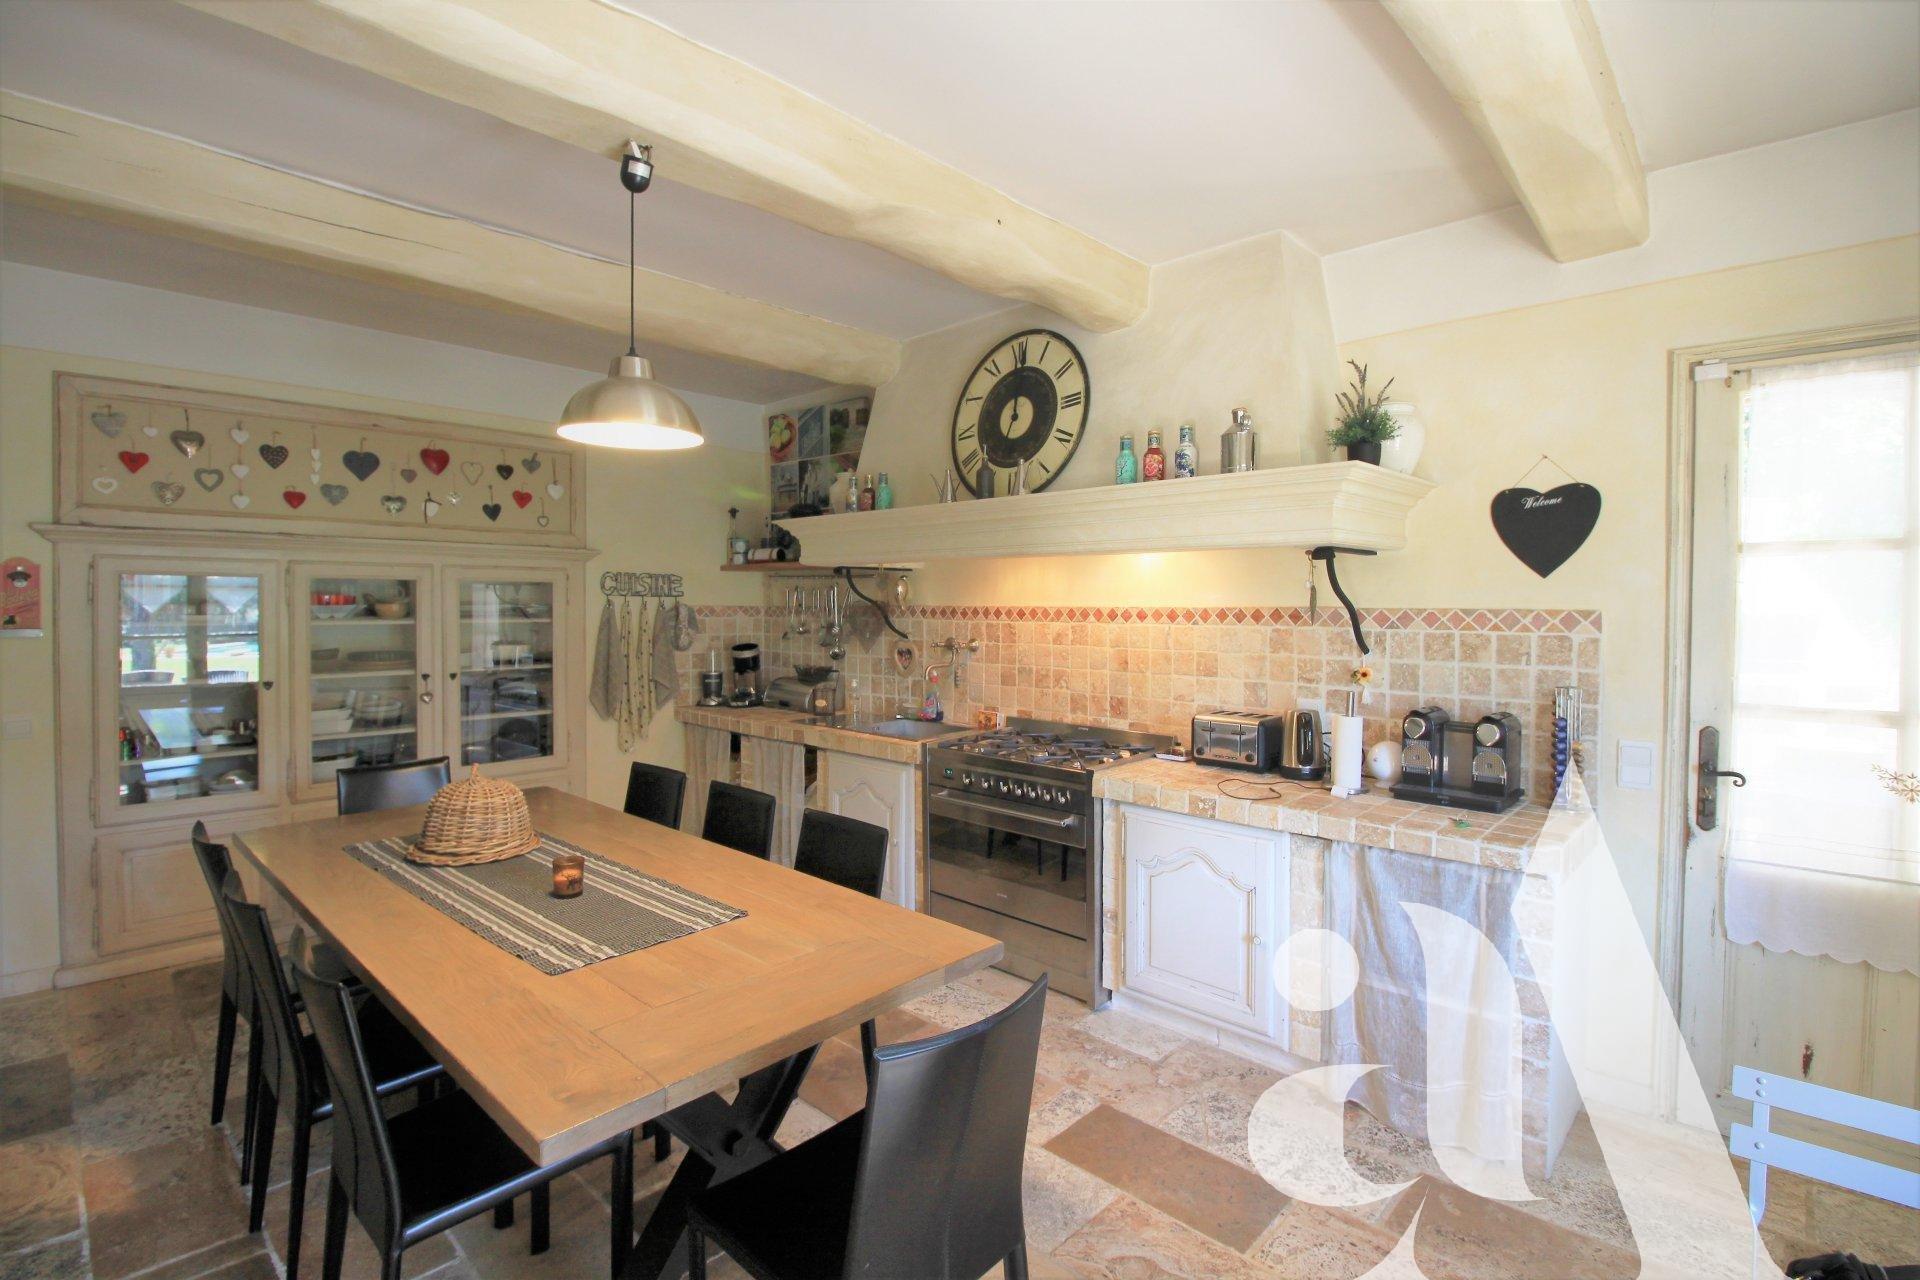 LE MAS DES PINS - Saint-Remy de Provence - Alpilles - 6 chambres